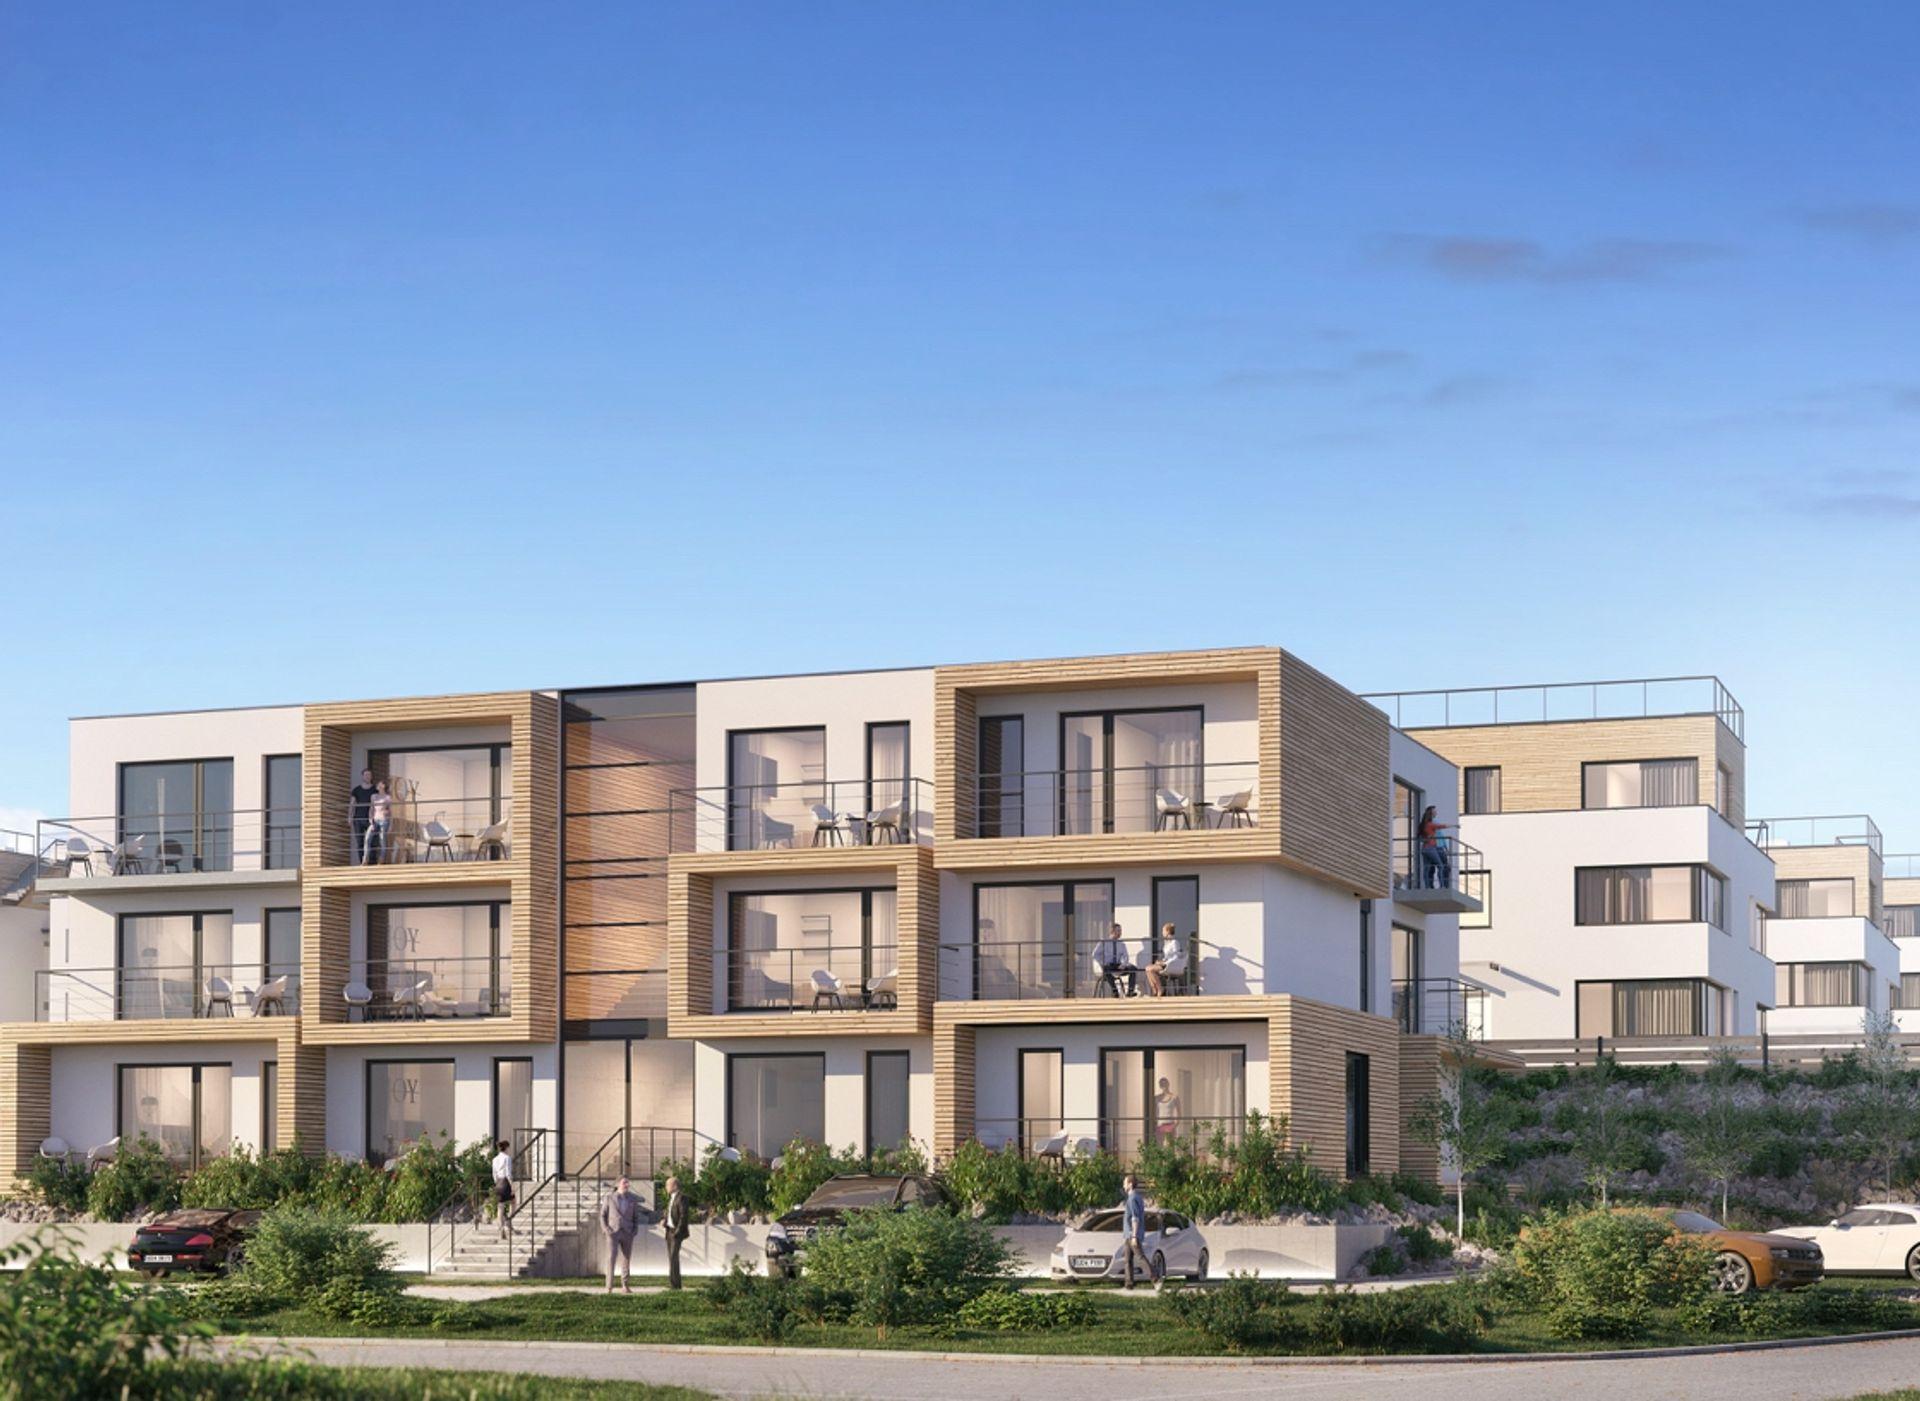 [pomorskie] Trzy razy więcej niż na lokacie – nawet tyle można zarobić inwestując w nadmorski aparthotel z widokiem na morze